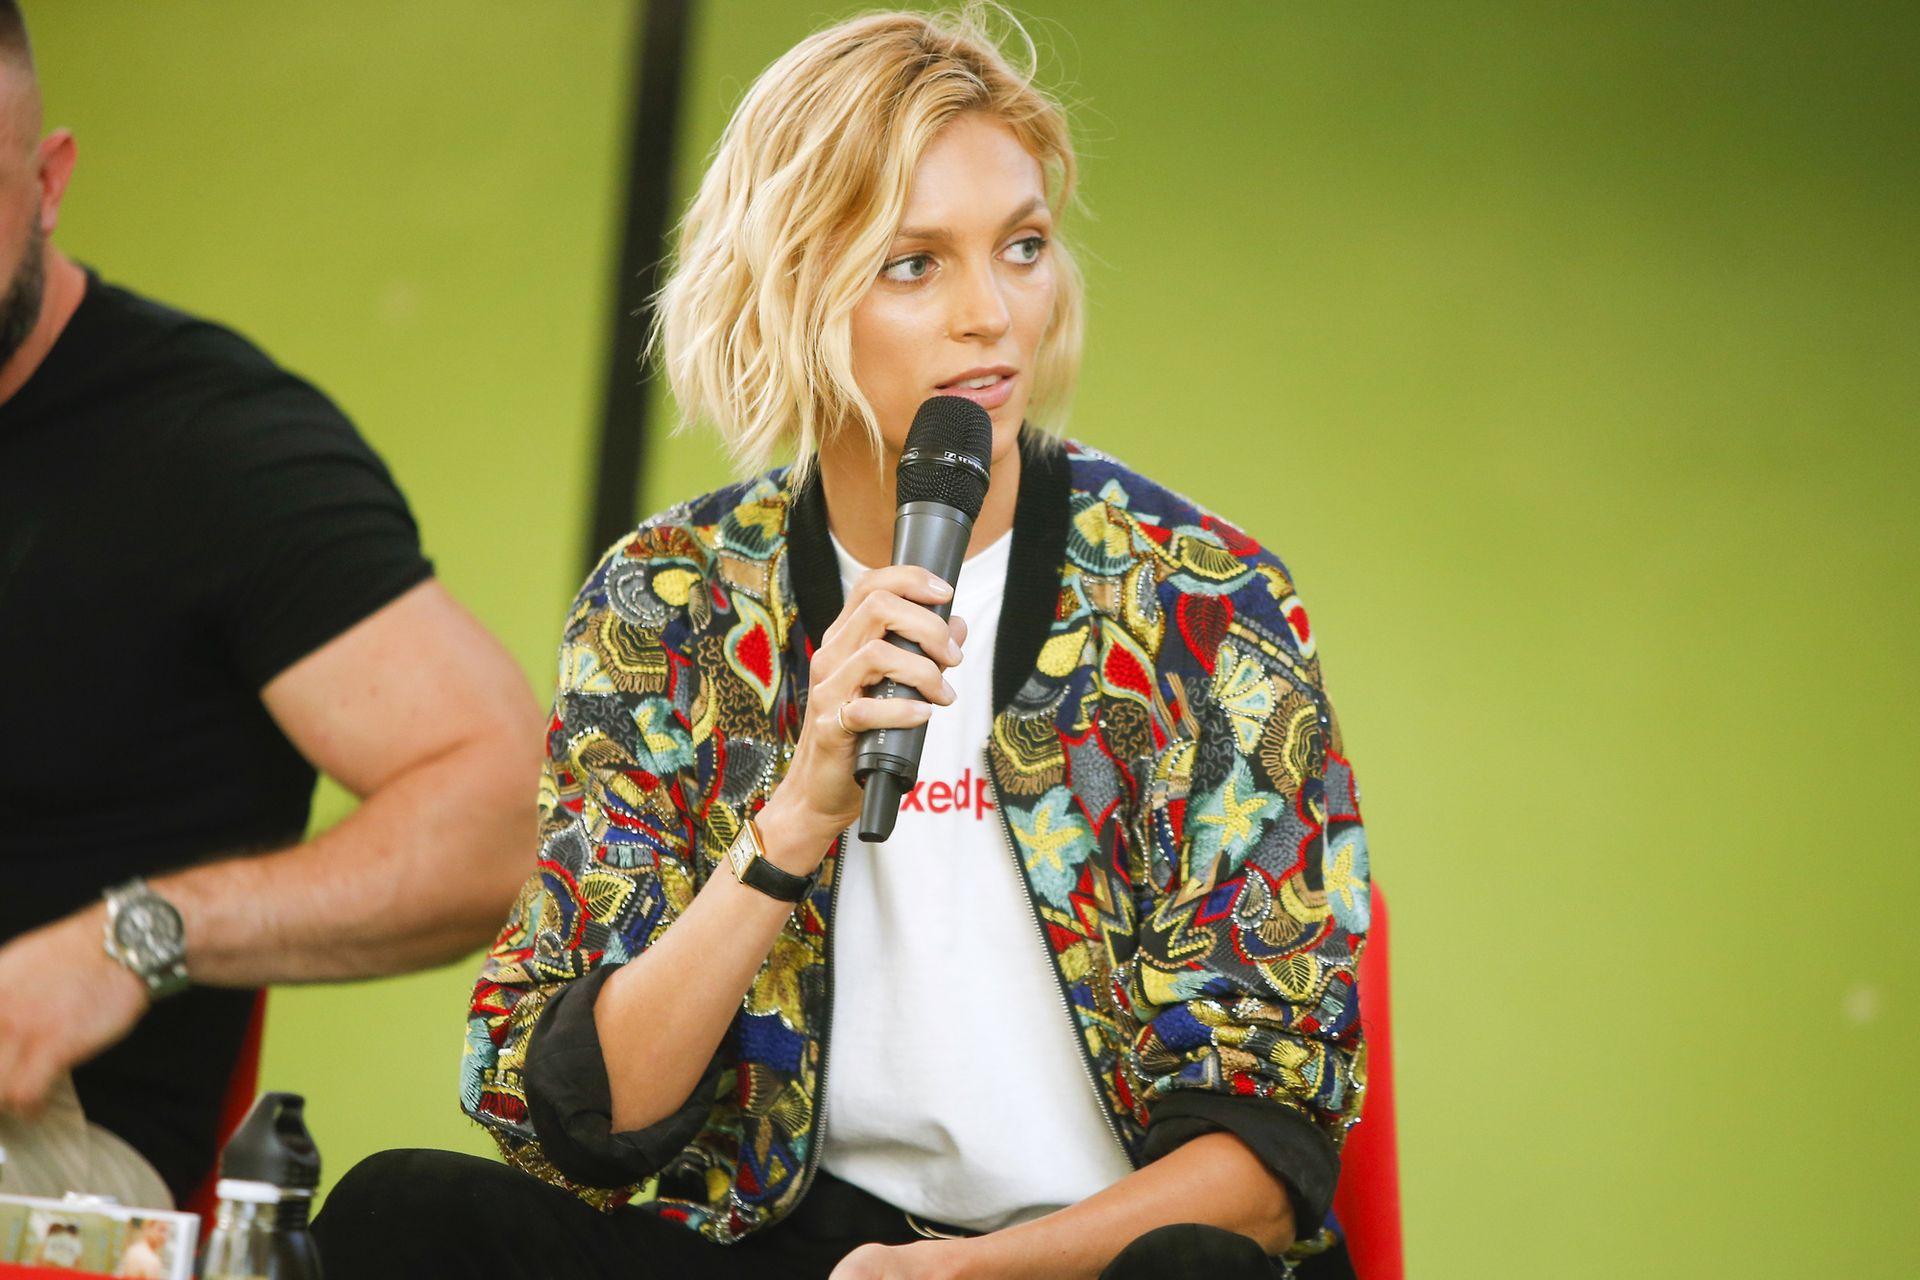 Anja Rubik w nowej fryzurze: Wyglądasz jak facet